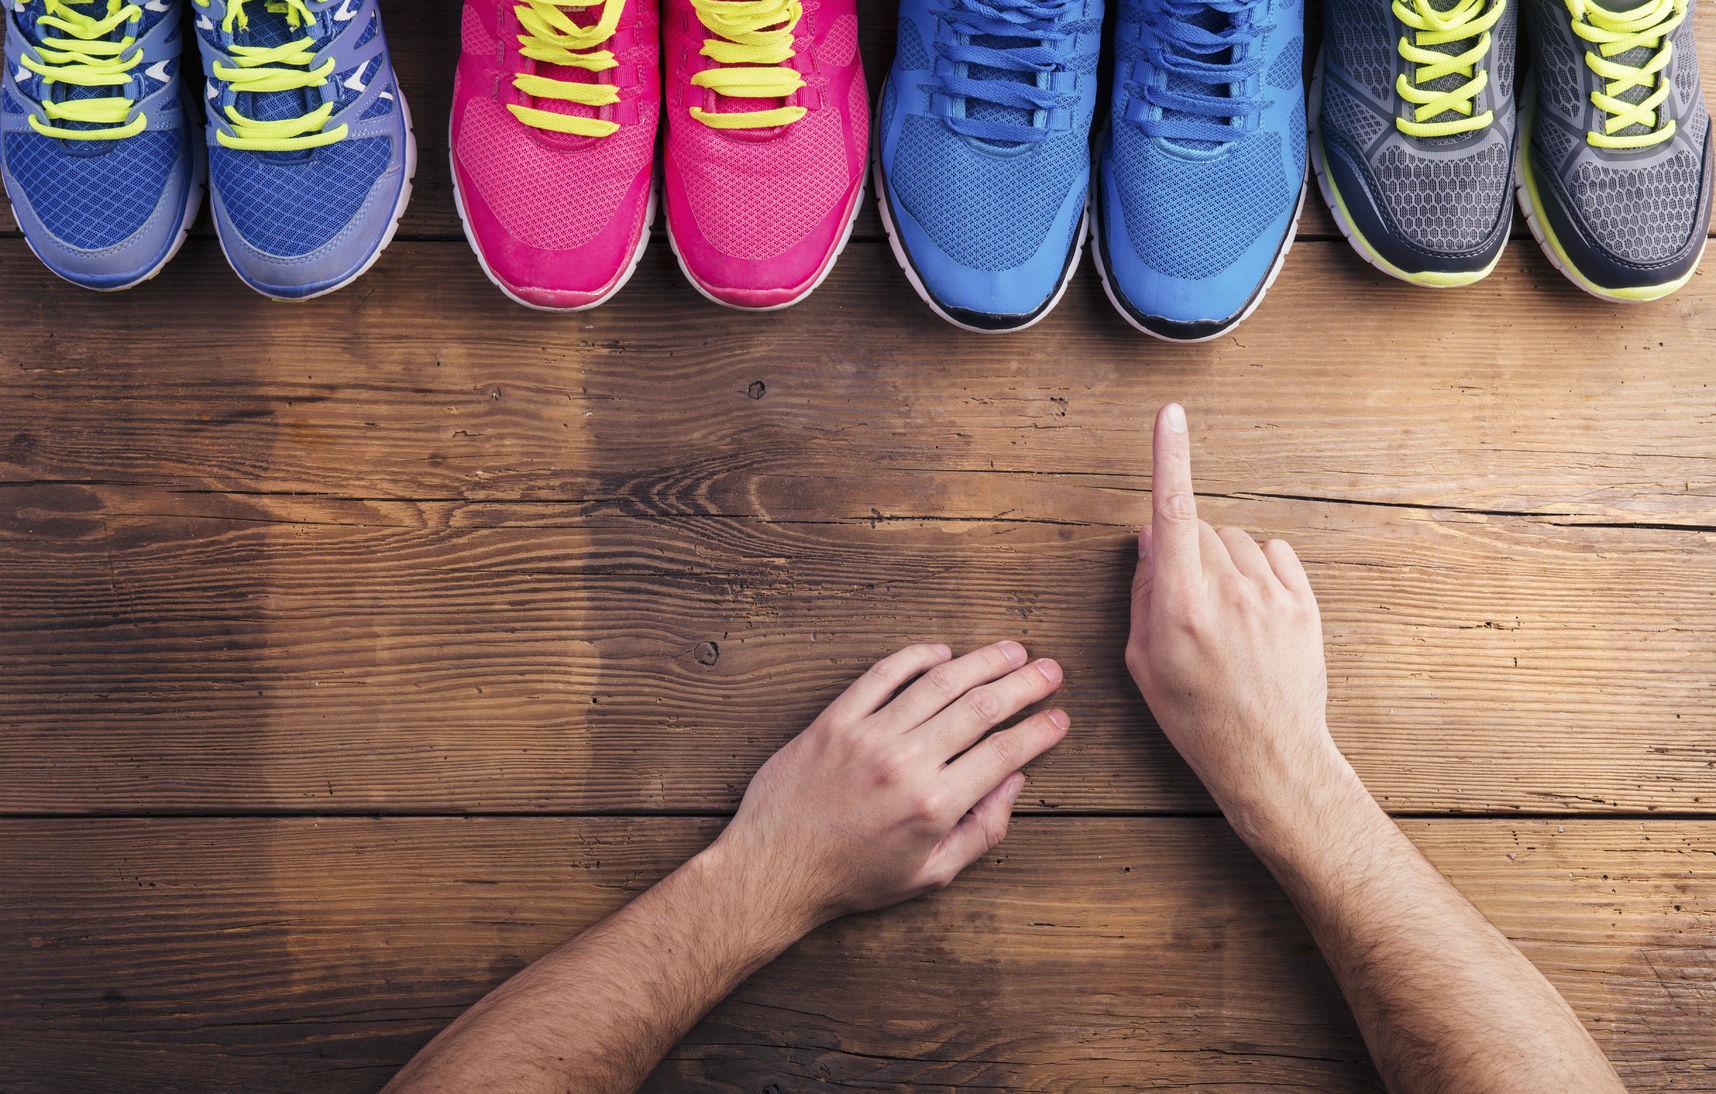 38906006_L_Shoes_Lace_color shoes_Hand_Pick a shoe.jpg